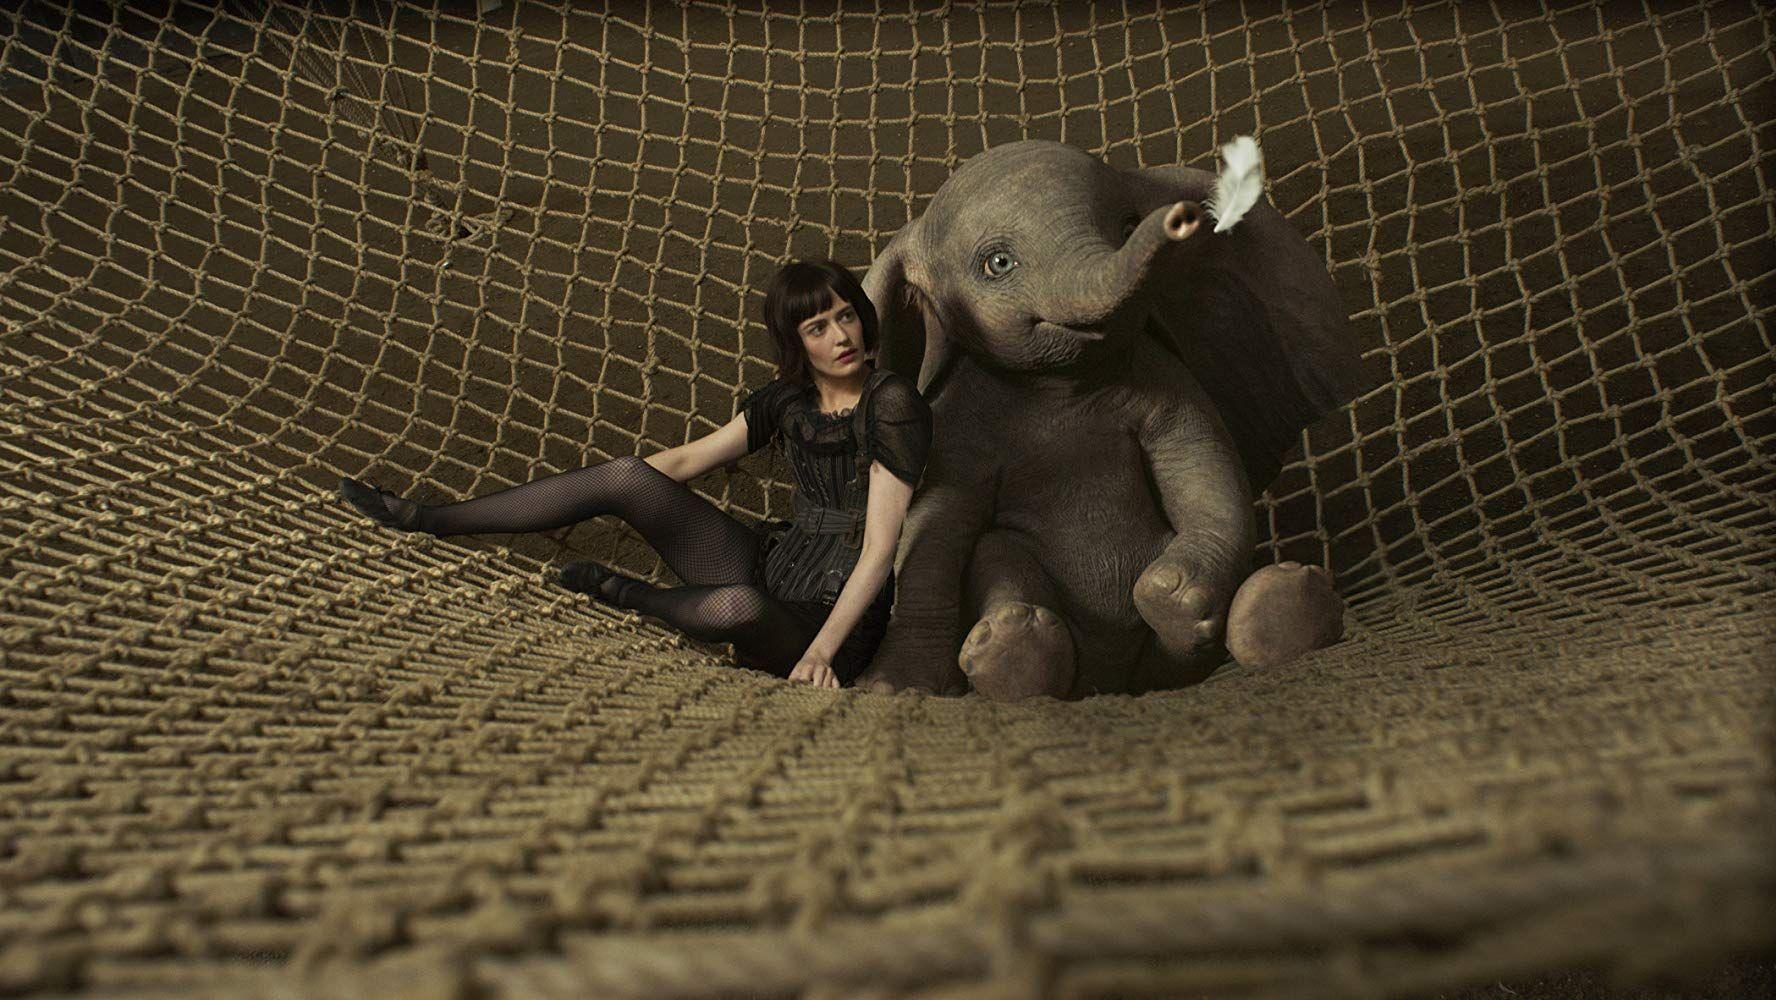 既然是迪士尼十分重視的經典電影,負責重新搬上銀幕的導演也絕非泛泛之輩,《小飛象》就是由《魔境夢遊》的著名導演提姆波頓執導。只不過不同於1941年的動畫版本,提姆波頓的真人電影多了更多的人性,因為劇情不再只侷限於小象和母象間的親情,還有各式各樣在馬戲團裡發生的人情世故,有人的地方就有江湖,於是有著一雙大耳的小象「呆寶」,除了面對自己的不同,還得歷經許多人類關卡,才能找到生存之道。